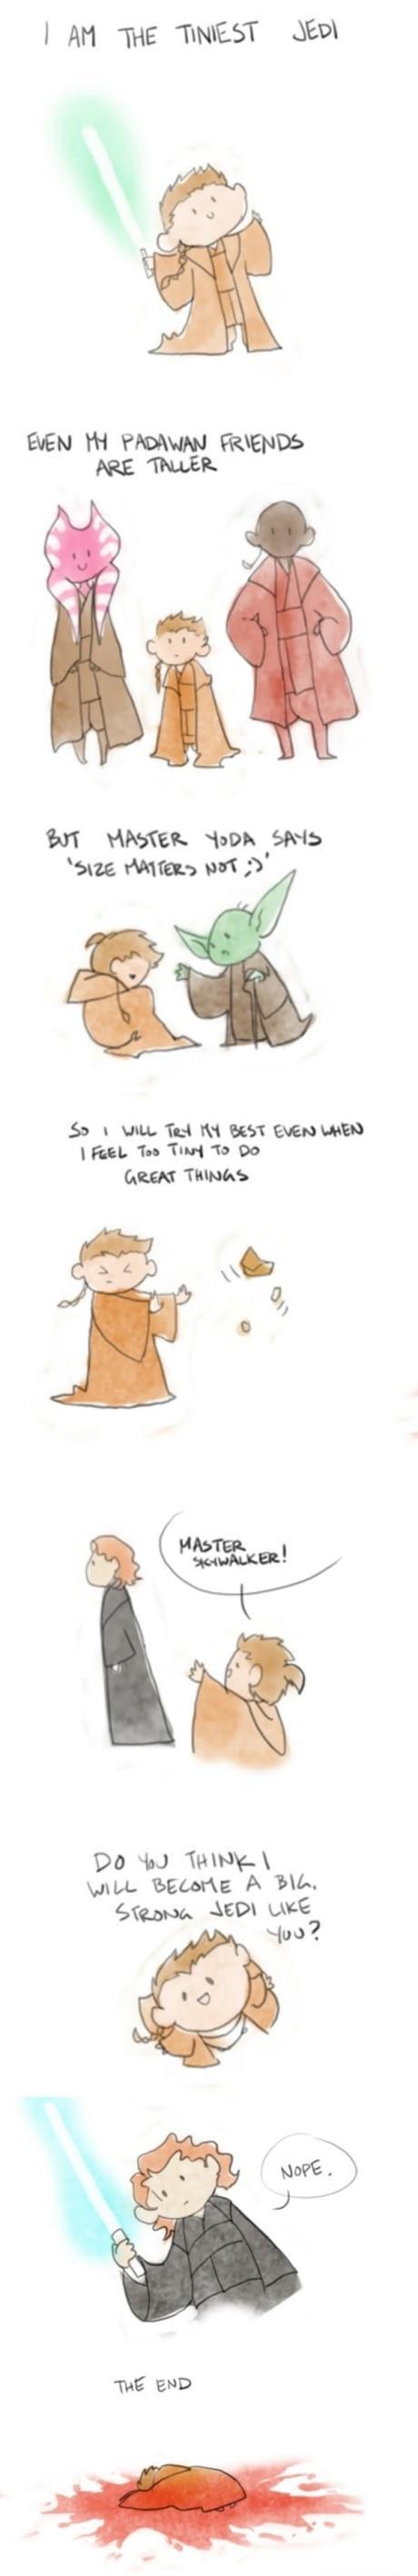 The Tiniest Jedi